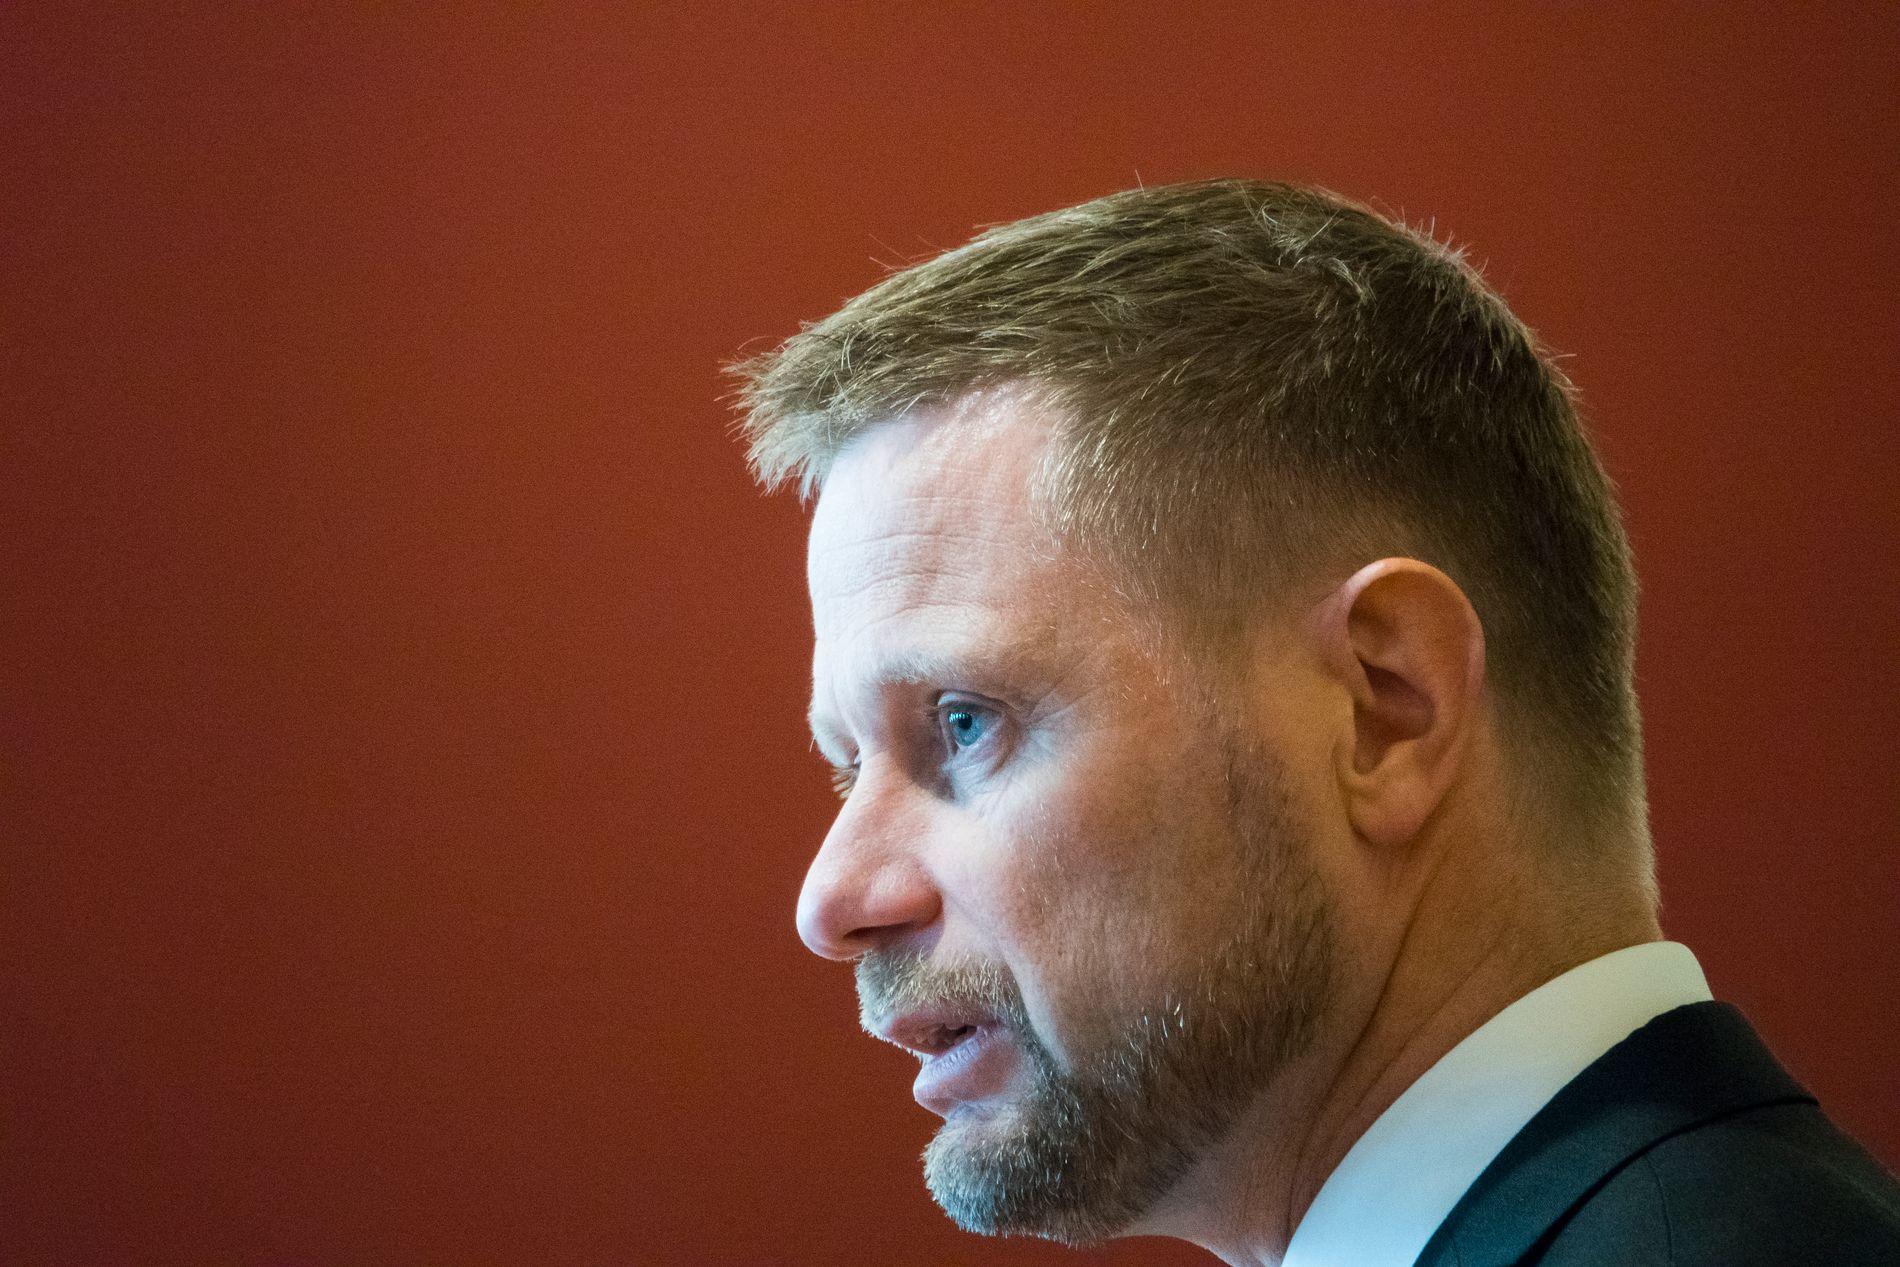 KVINNERS RETT SVEKKES IKKE: Helseminister Bent Høie (H) var tydelig i Stortinget på at kvinners rettigheter ikke vil svekkes.